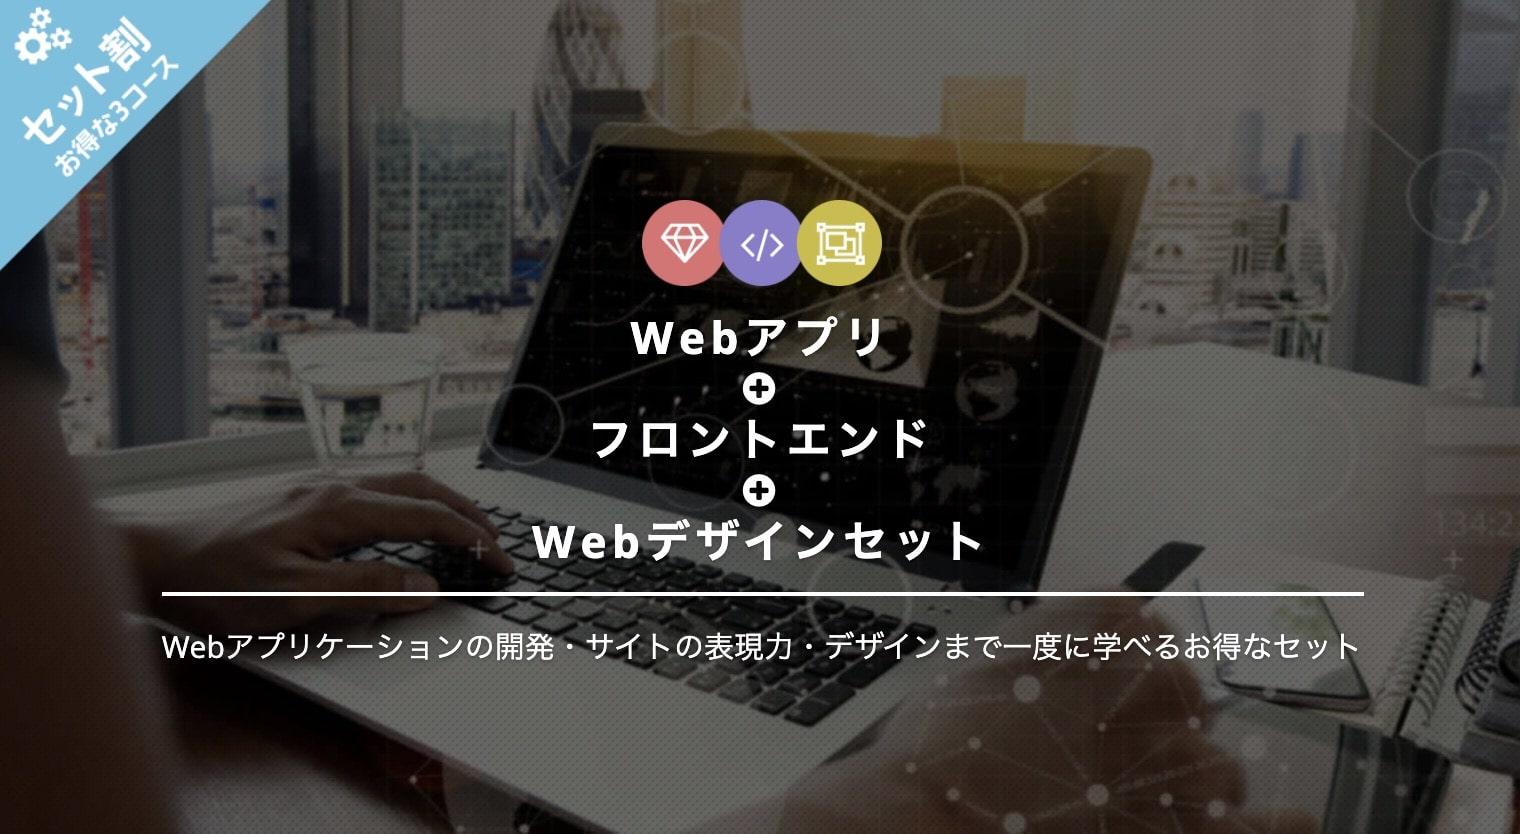 Webアプリ+フロントエンド+Webデザインセットの料金|TechAcademy(テックアカデミー)3セット